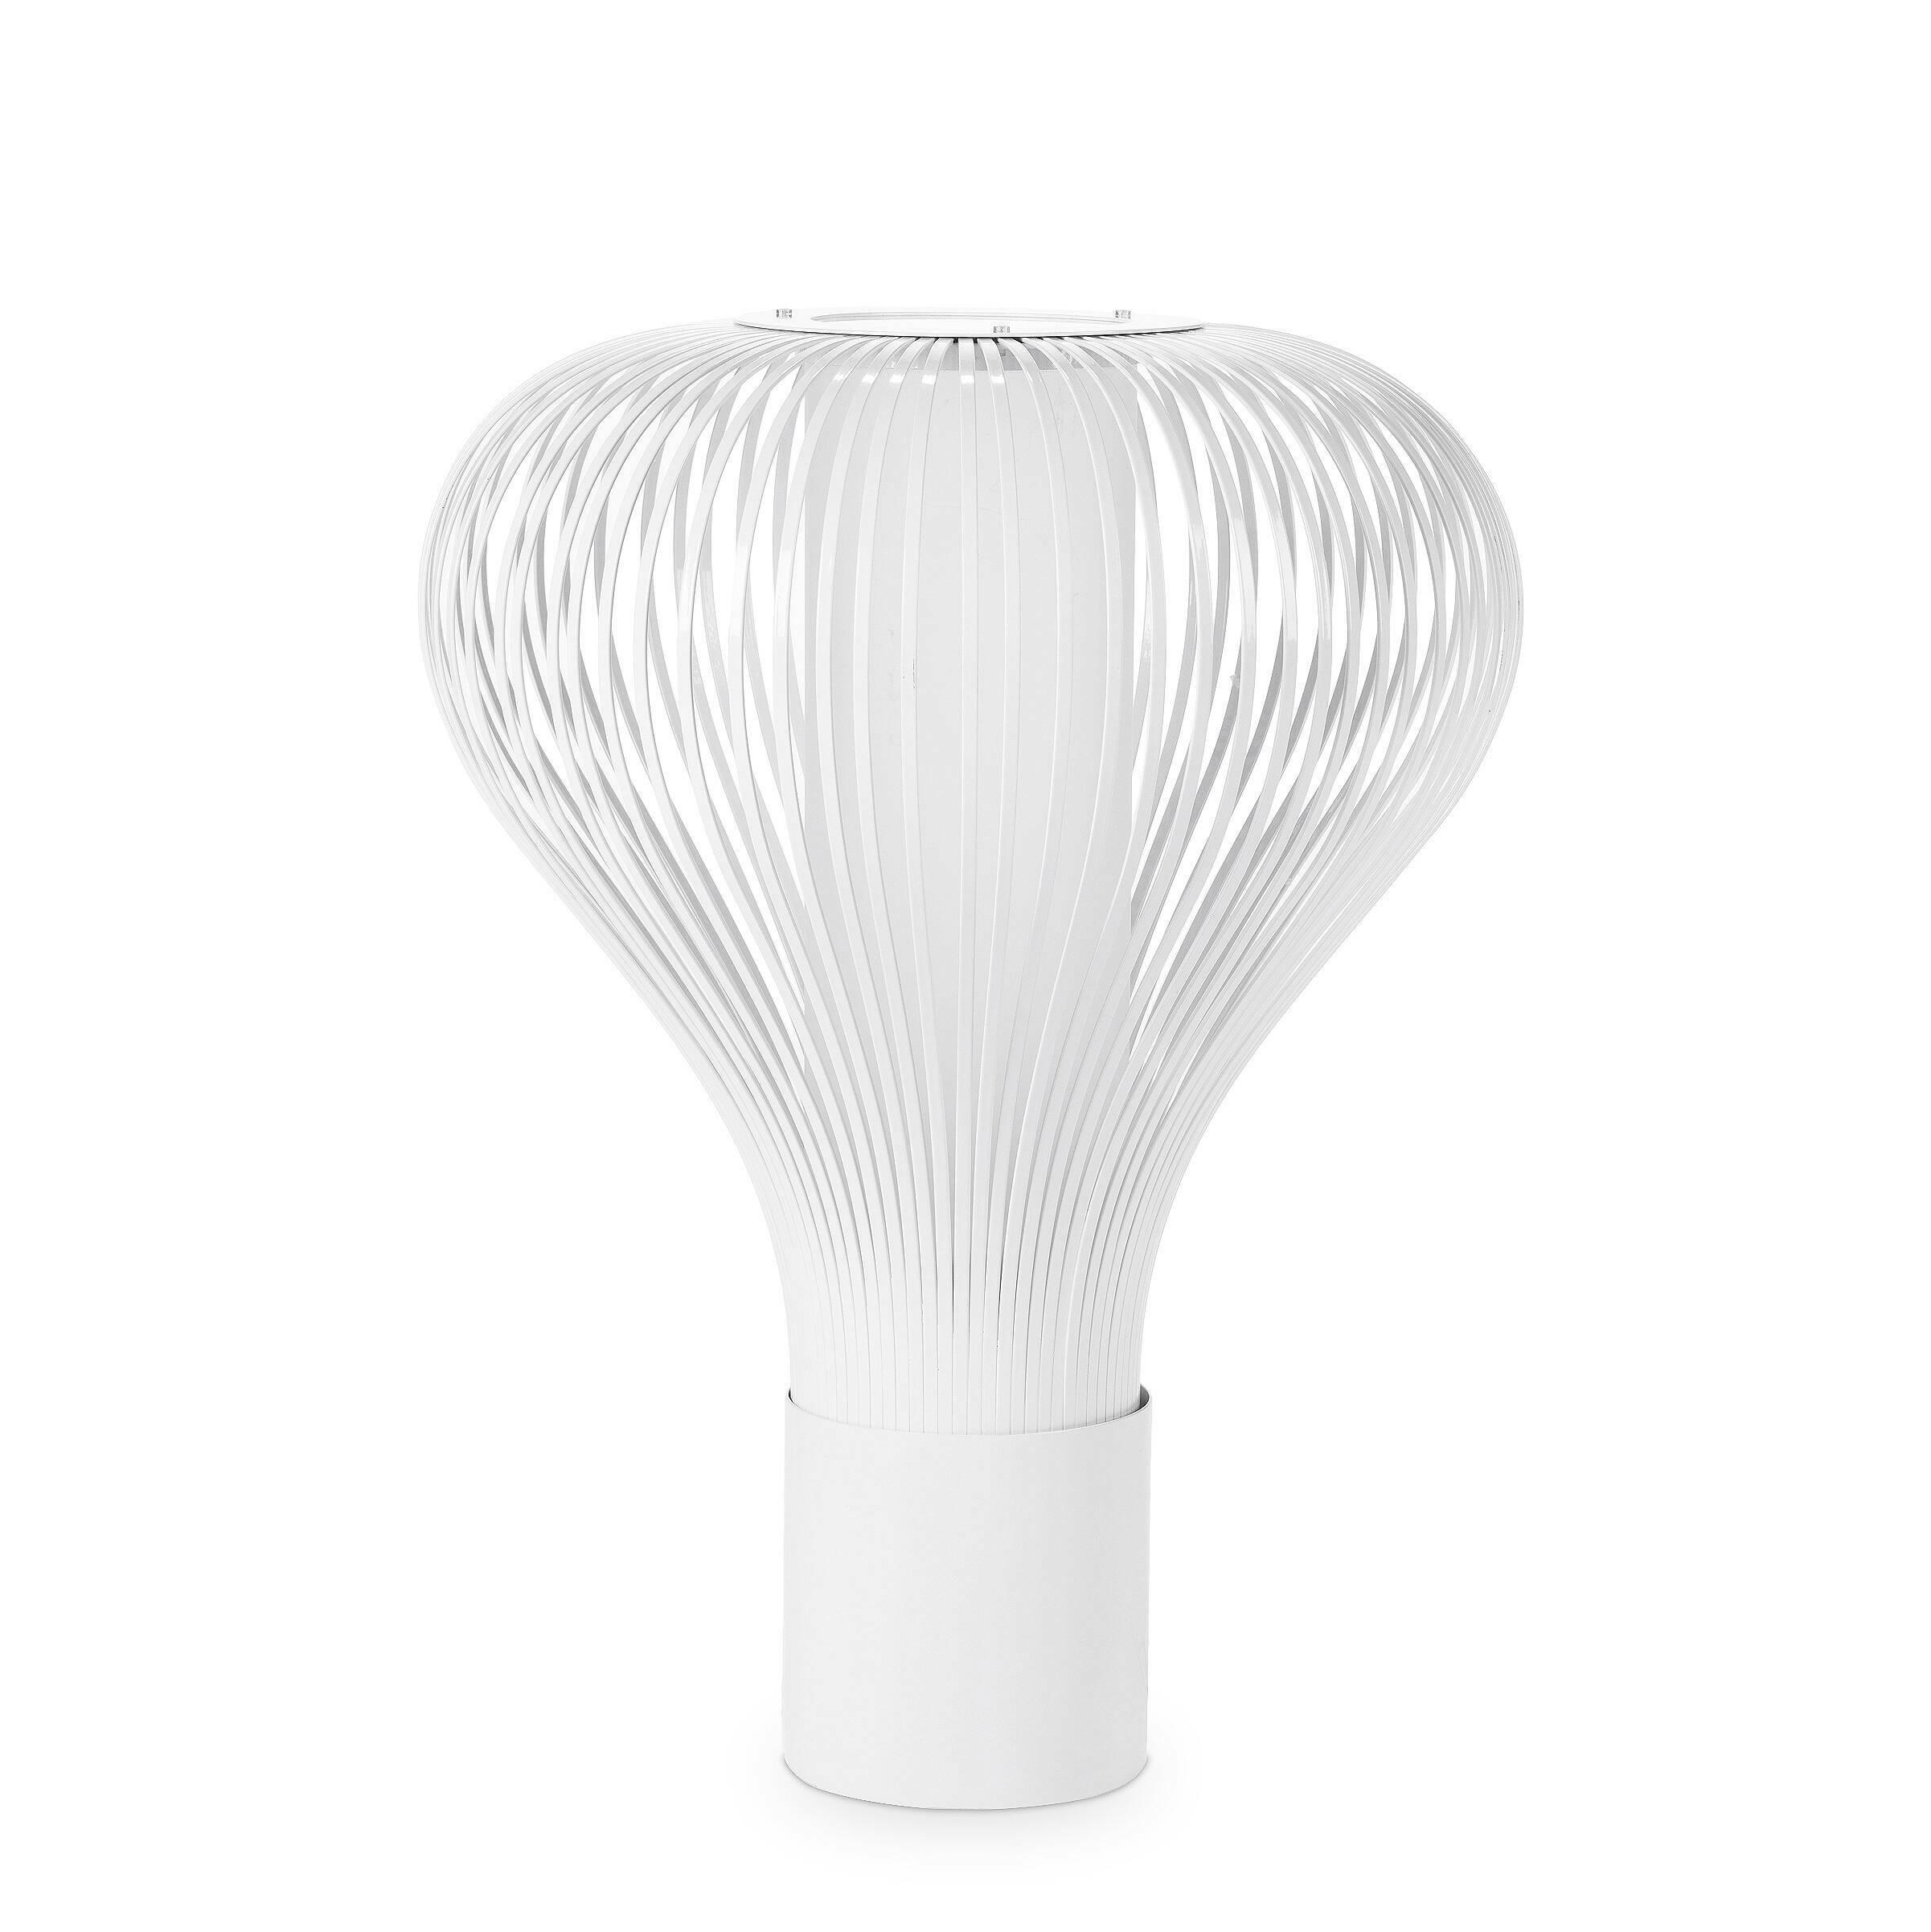 Настольный светильник ChasenНастольные<br>Дизайнерский настольная лампа Chasen (Чейсен) округлой формы с белым абажуром от Cosmo (Космо).<br><br><br> Современный испанский дизайнер Патрисия Уркиола создала настольный светильник Chasen в 2007 году, вдохновившись видом японской бамбуковой мутовки для чайной церемонии. Воздушная, как будто выполненная из бумаги лампа вызывает множество ассоциаций с китайской культурой: на ум приходят даже китайские фонарики и оригами. При этом идея воплощена по-настоящему с восточной тонкостью — без излишн...<br><br>stock: 2<br>Высота: 64<br>Диаметр: 47<br>Количество ламп: 1<br>Материал абажура: Металл<br>Мощность лампы: 75<br>Ламп в комплекте: Нет<br>Напряжение: 220<br>Тип лампы/цоколь: E27<br>Цвет абажура: Белый